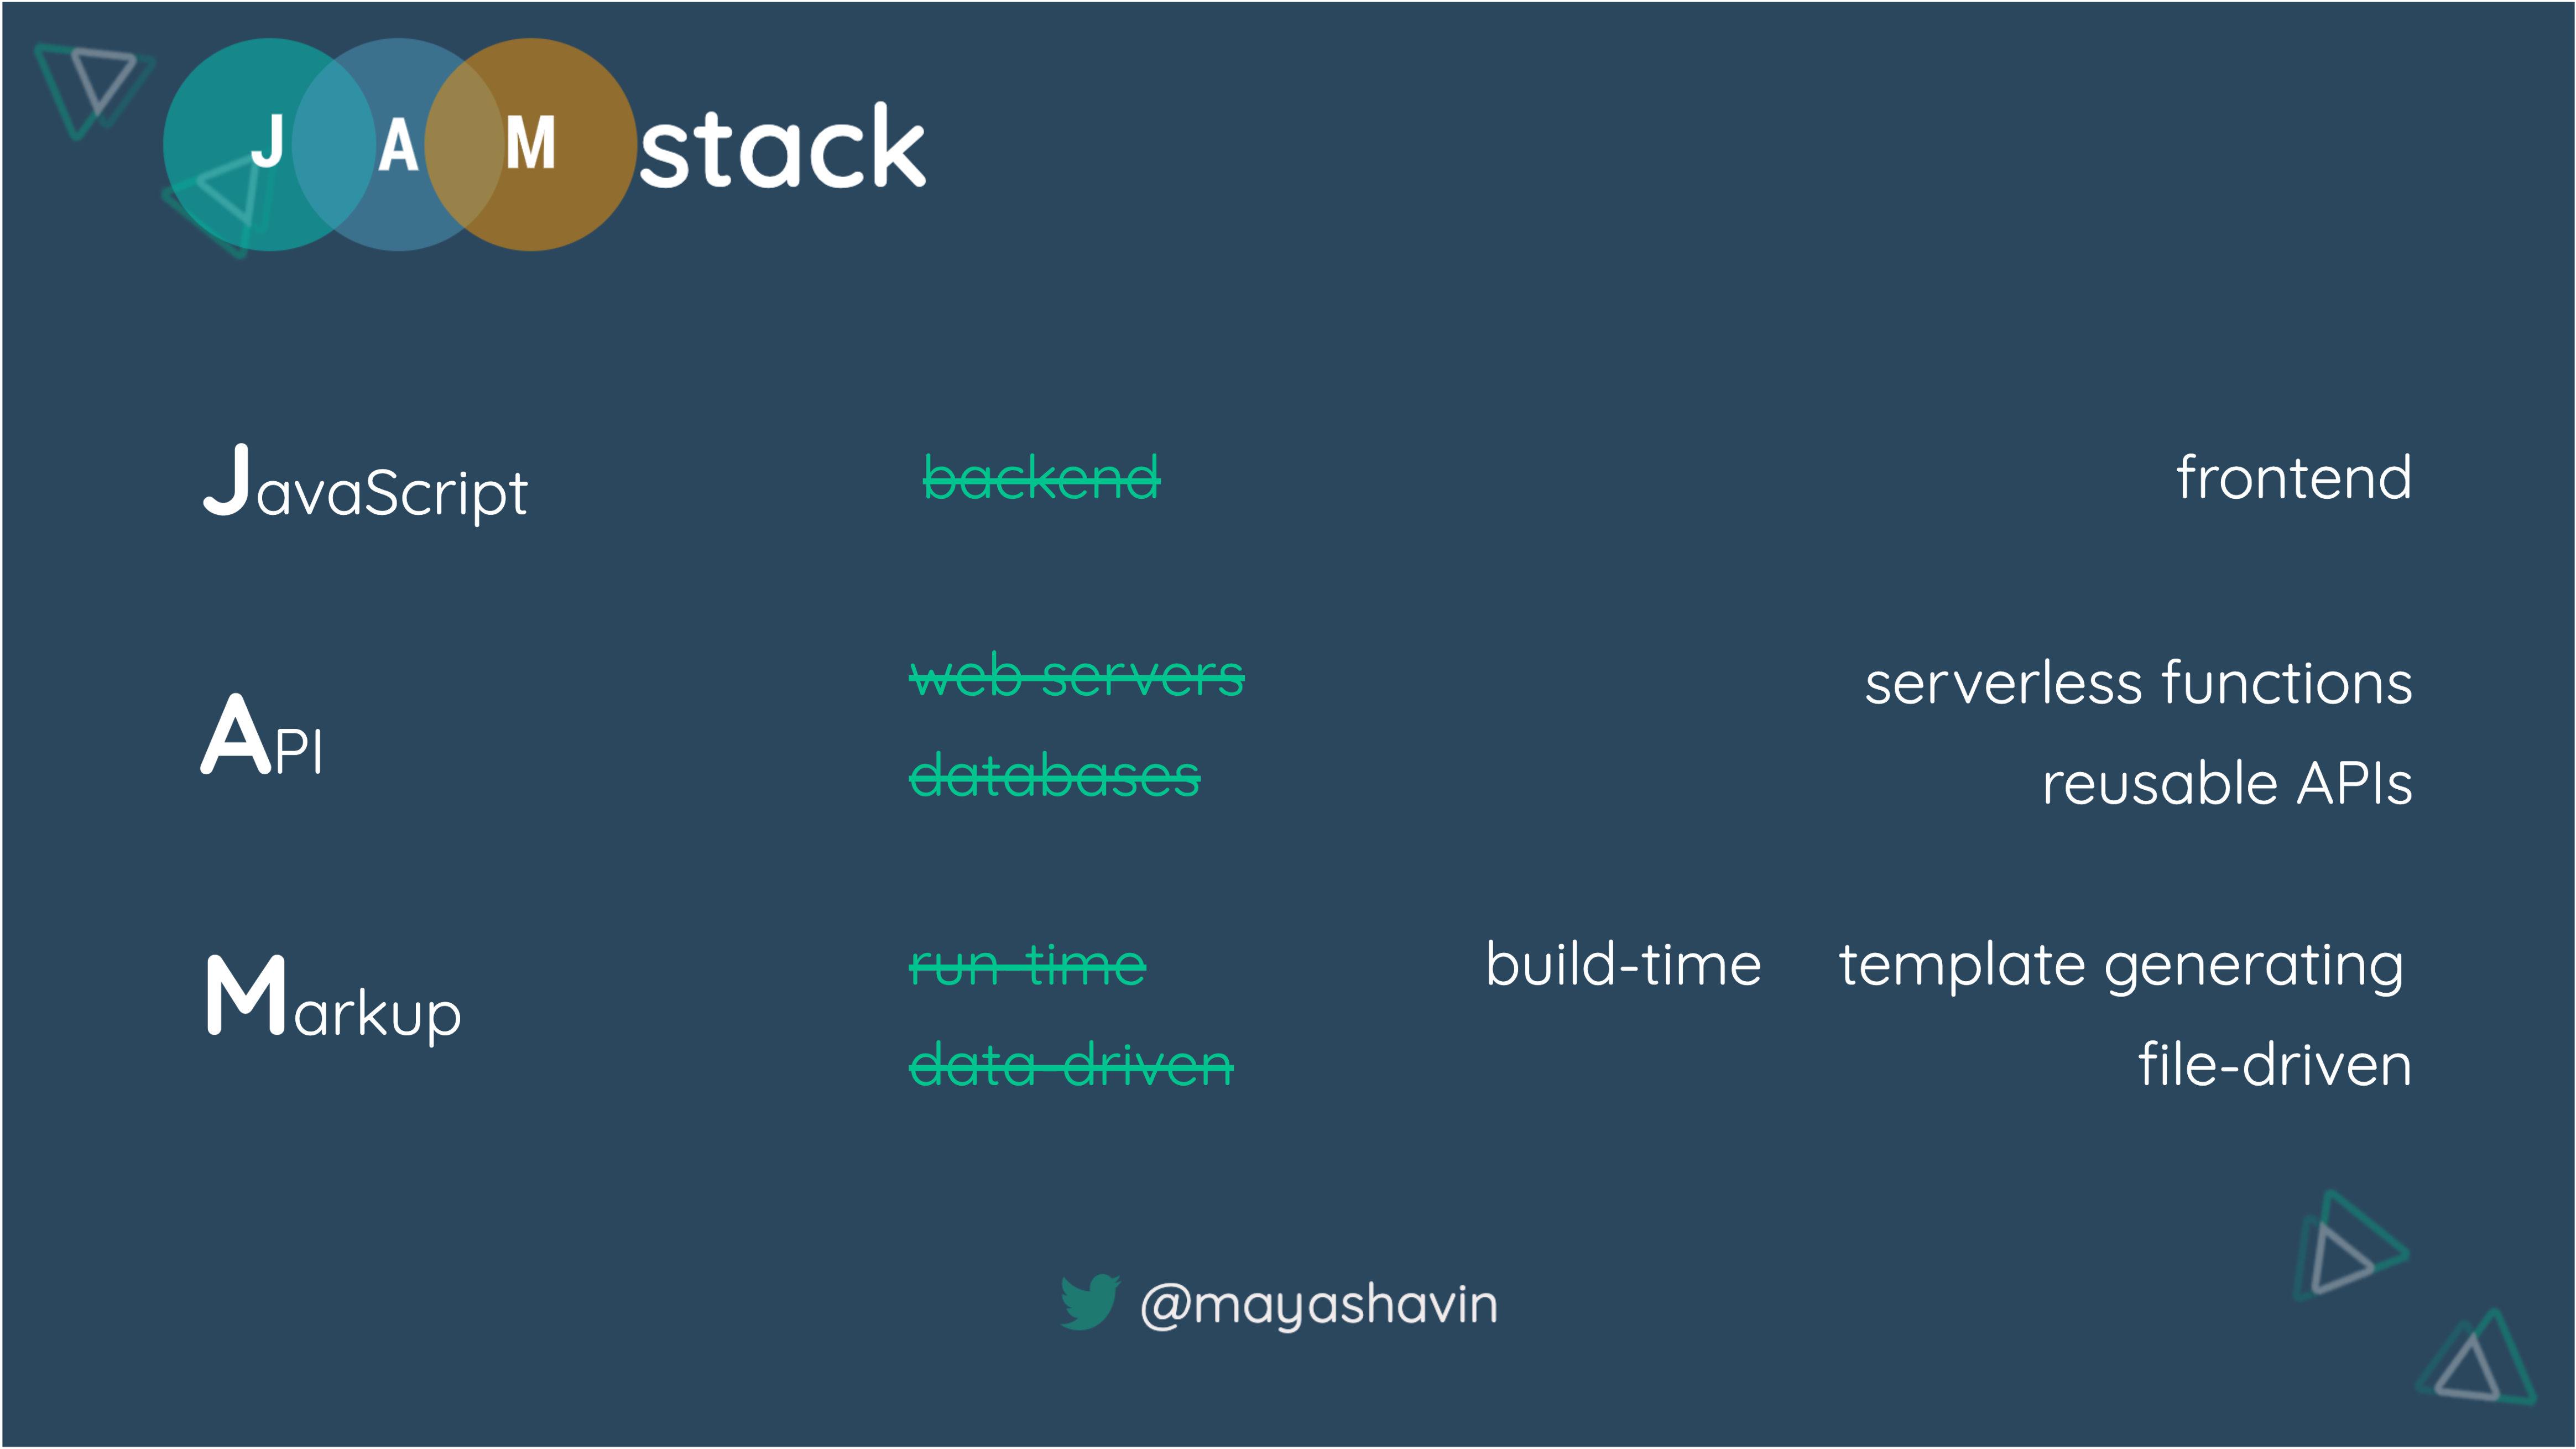 https://res.cloudinary.com/mayashavin/image/upload/v1593595593/articles/Jamstack_explained.png